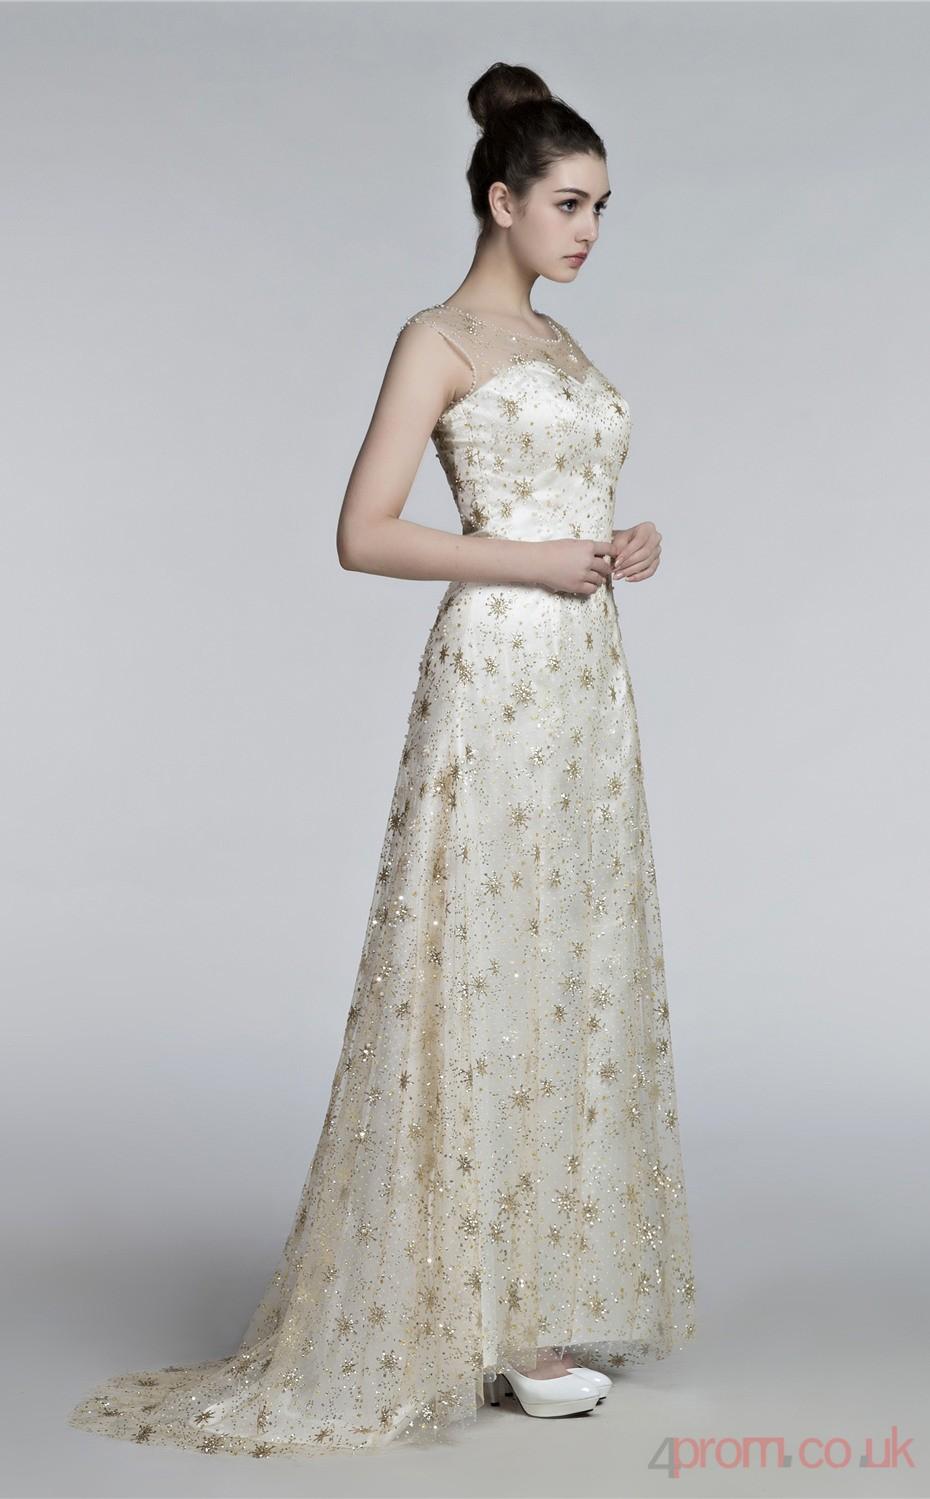 Großzügig Beige Prom Kleider Ideen - Hochzeit Kleid Stile Ideen ...